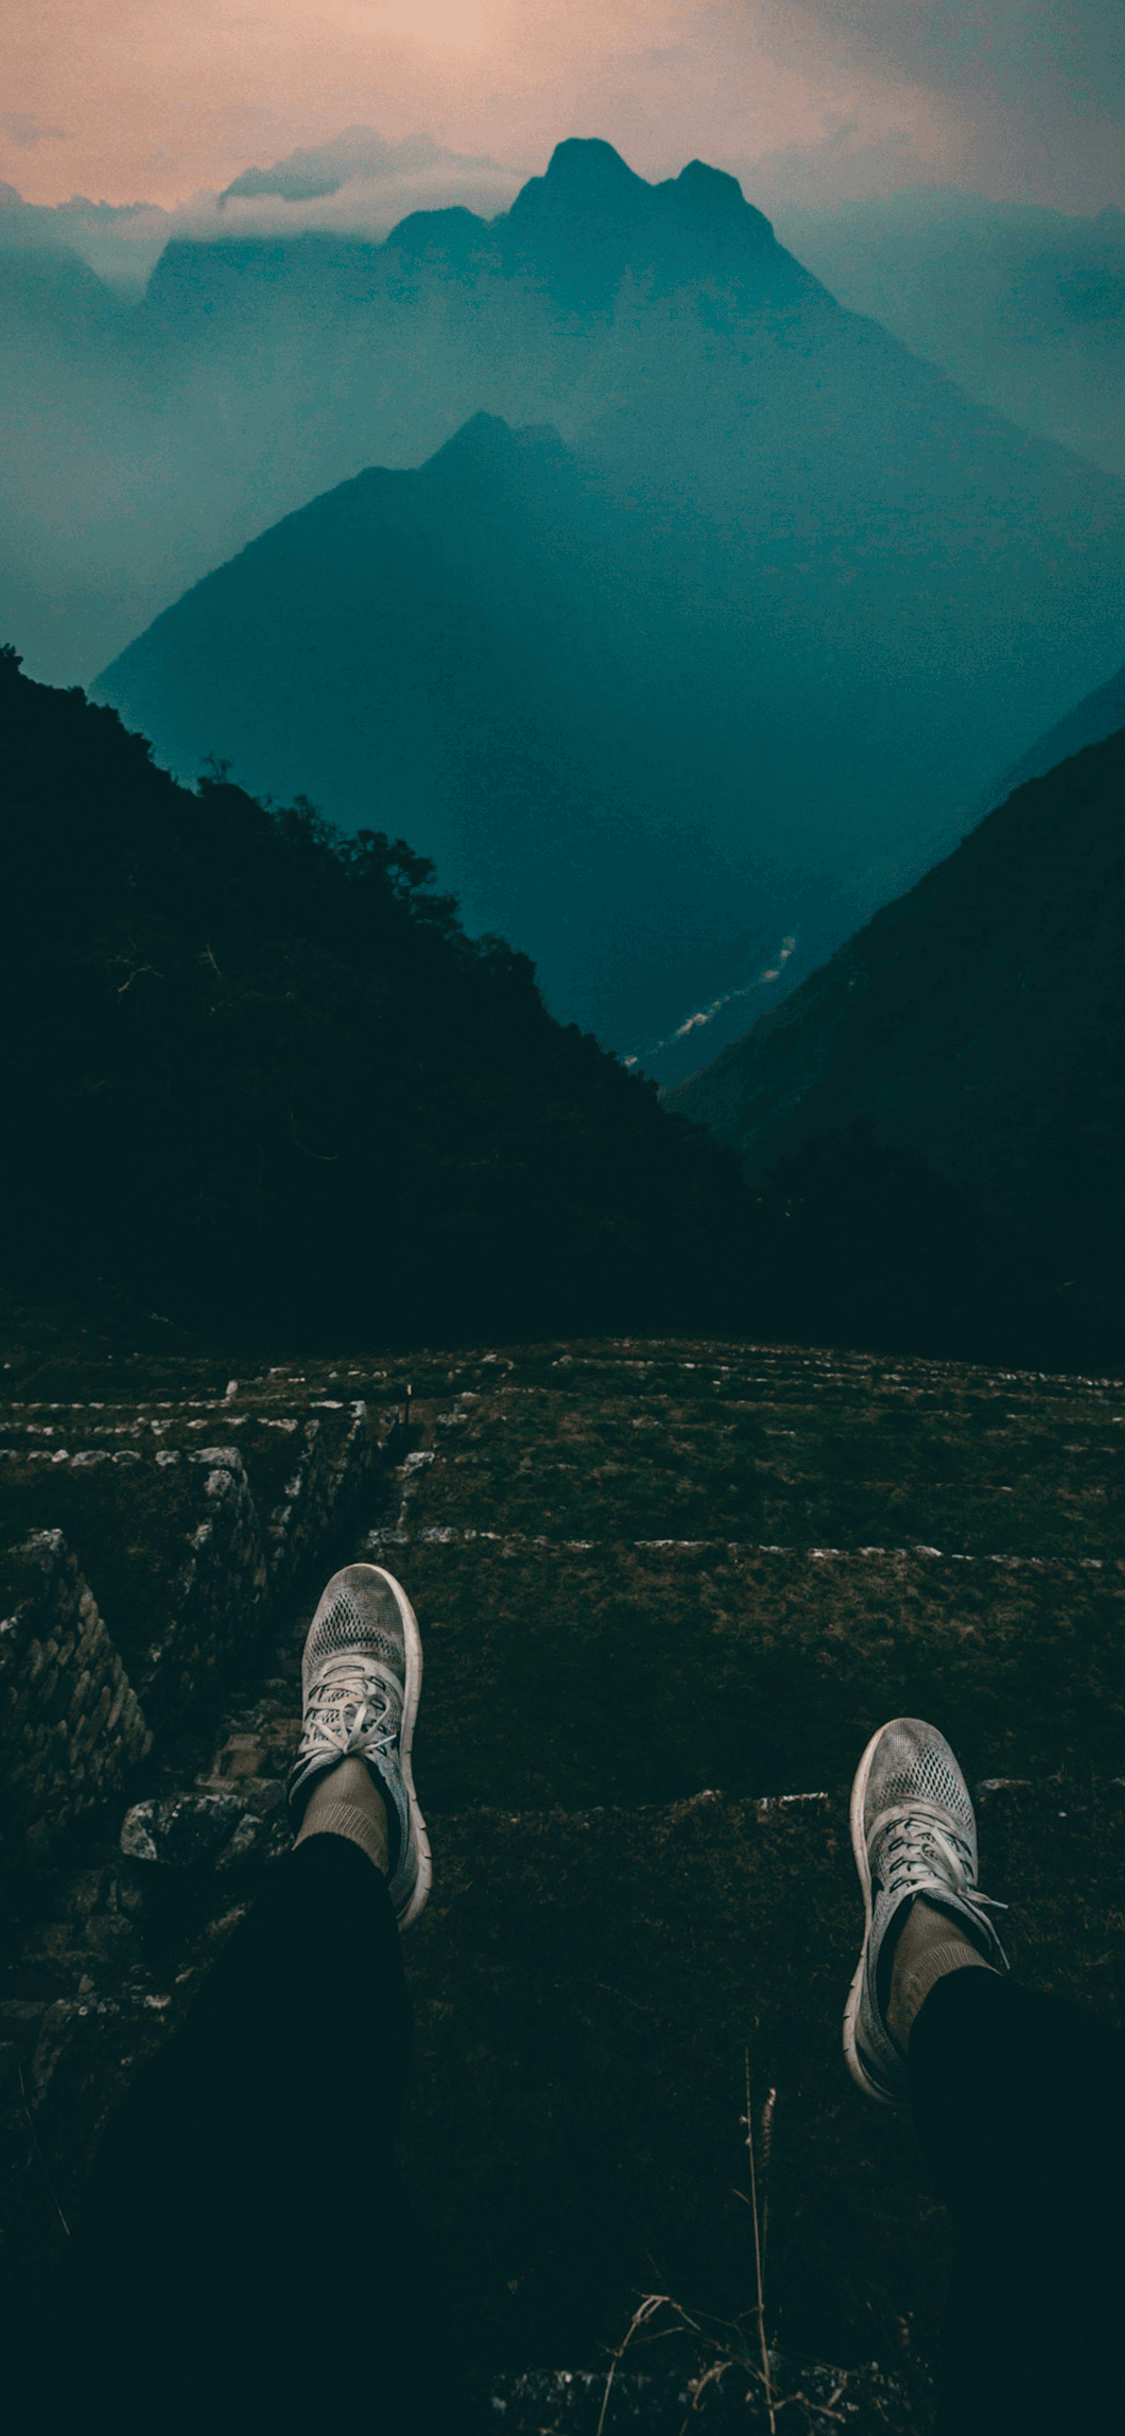 iPhone wallpaper machu picchu view Machu Picchu